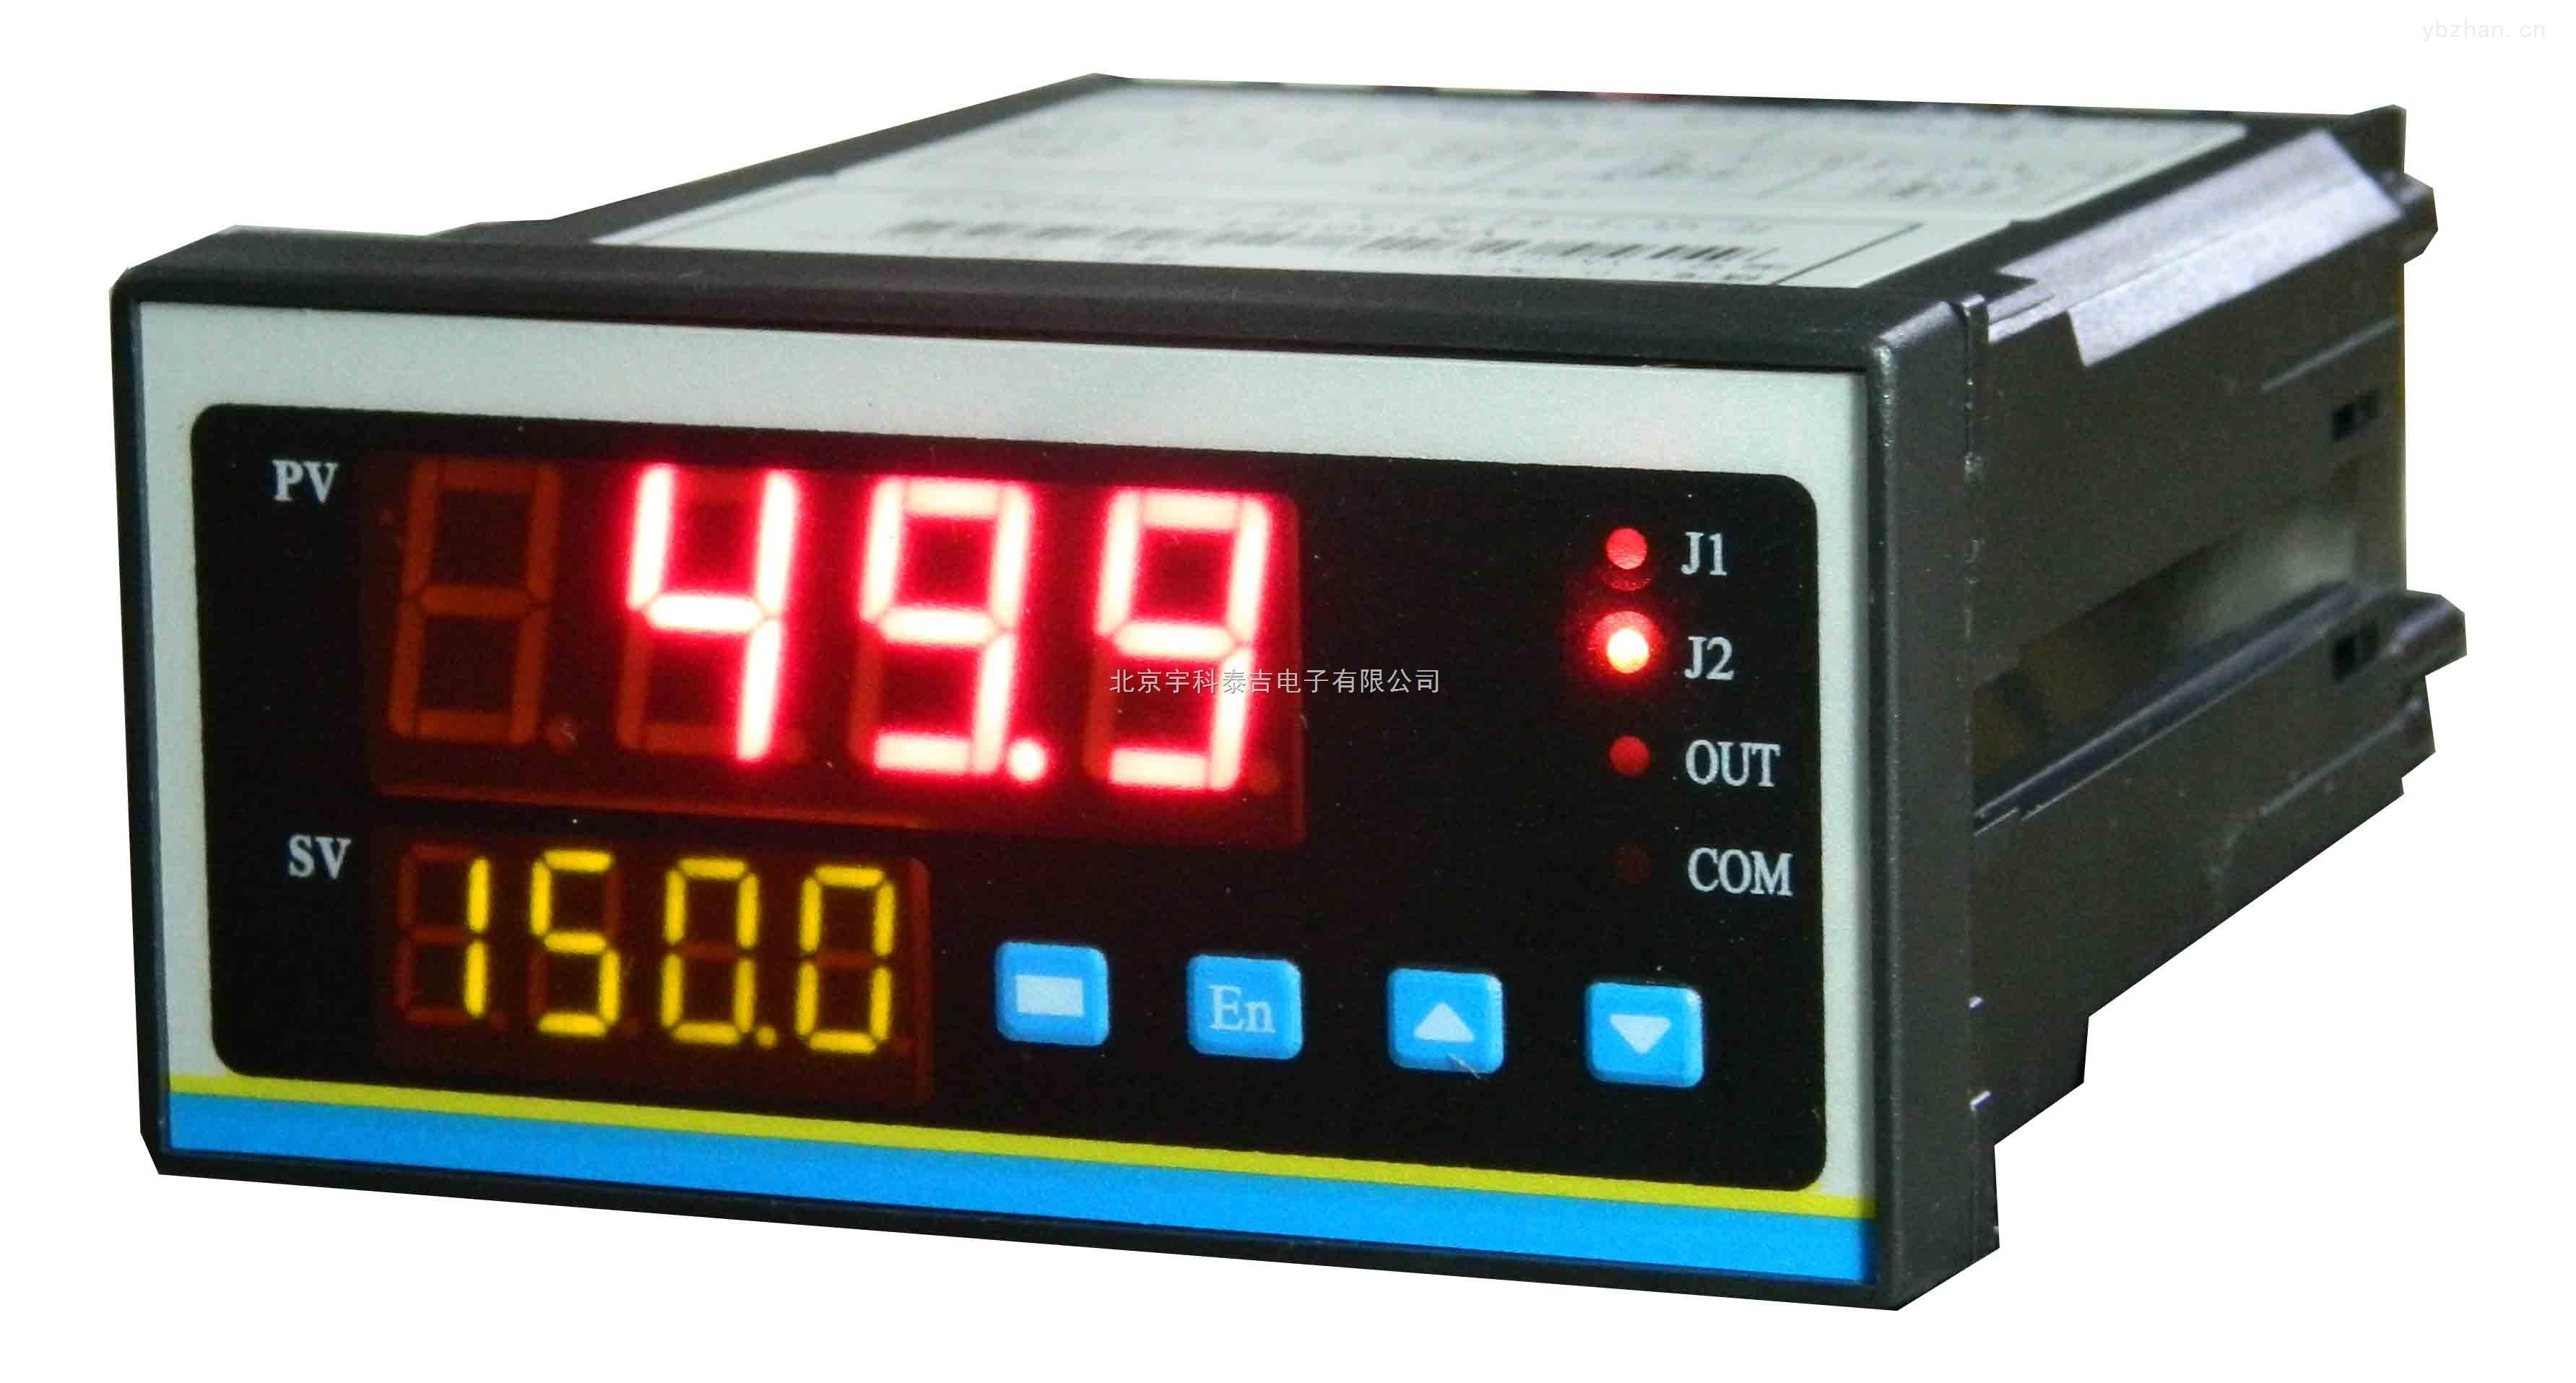 160*80智能萬能輸入儀表,智能數顯控制儀,北京宇科泰吉電子有限公司